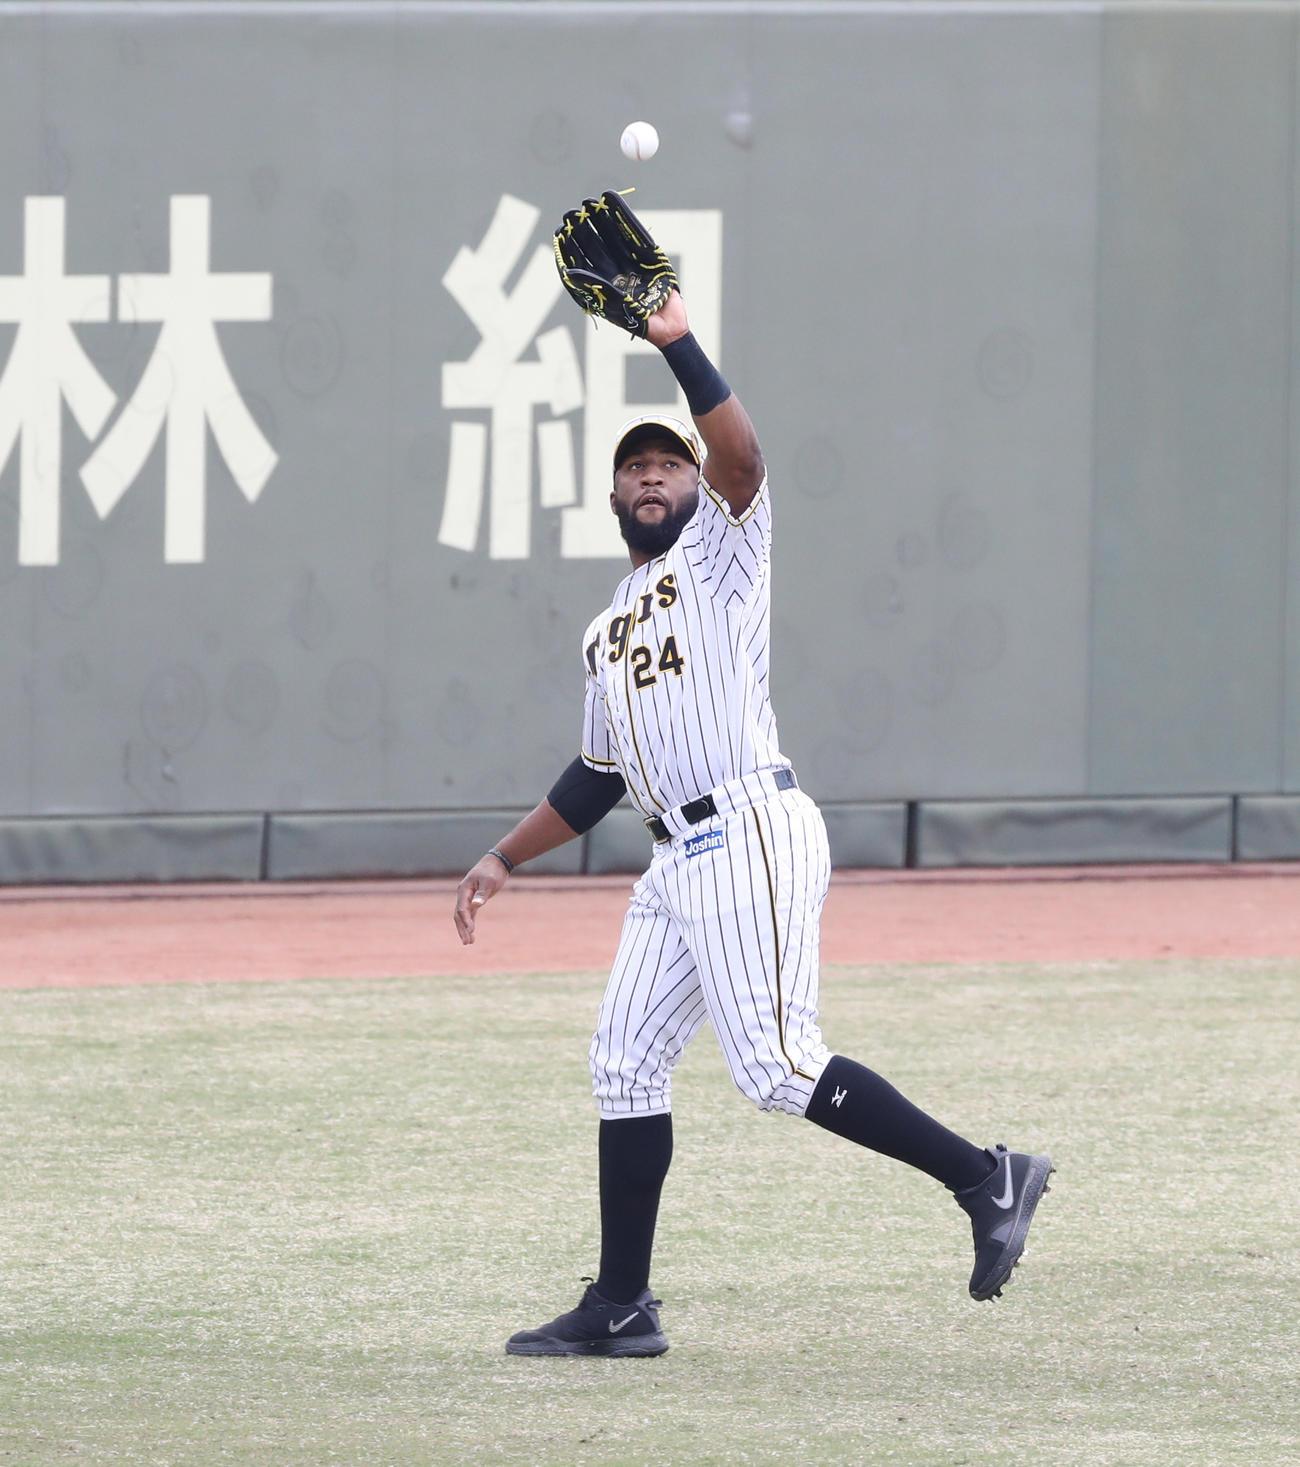 22日の2軍戦でレフトでスタメン出場した阪神ロハスは打球をキャッチ(代表撮影)